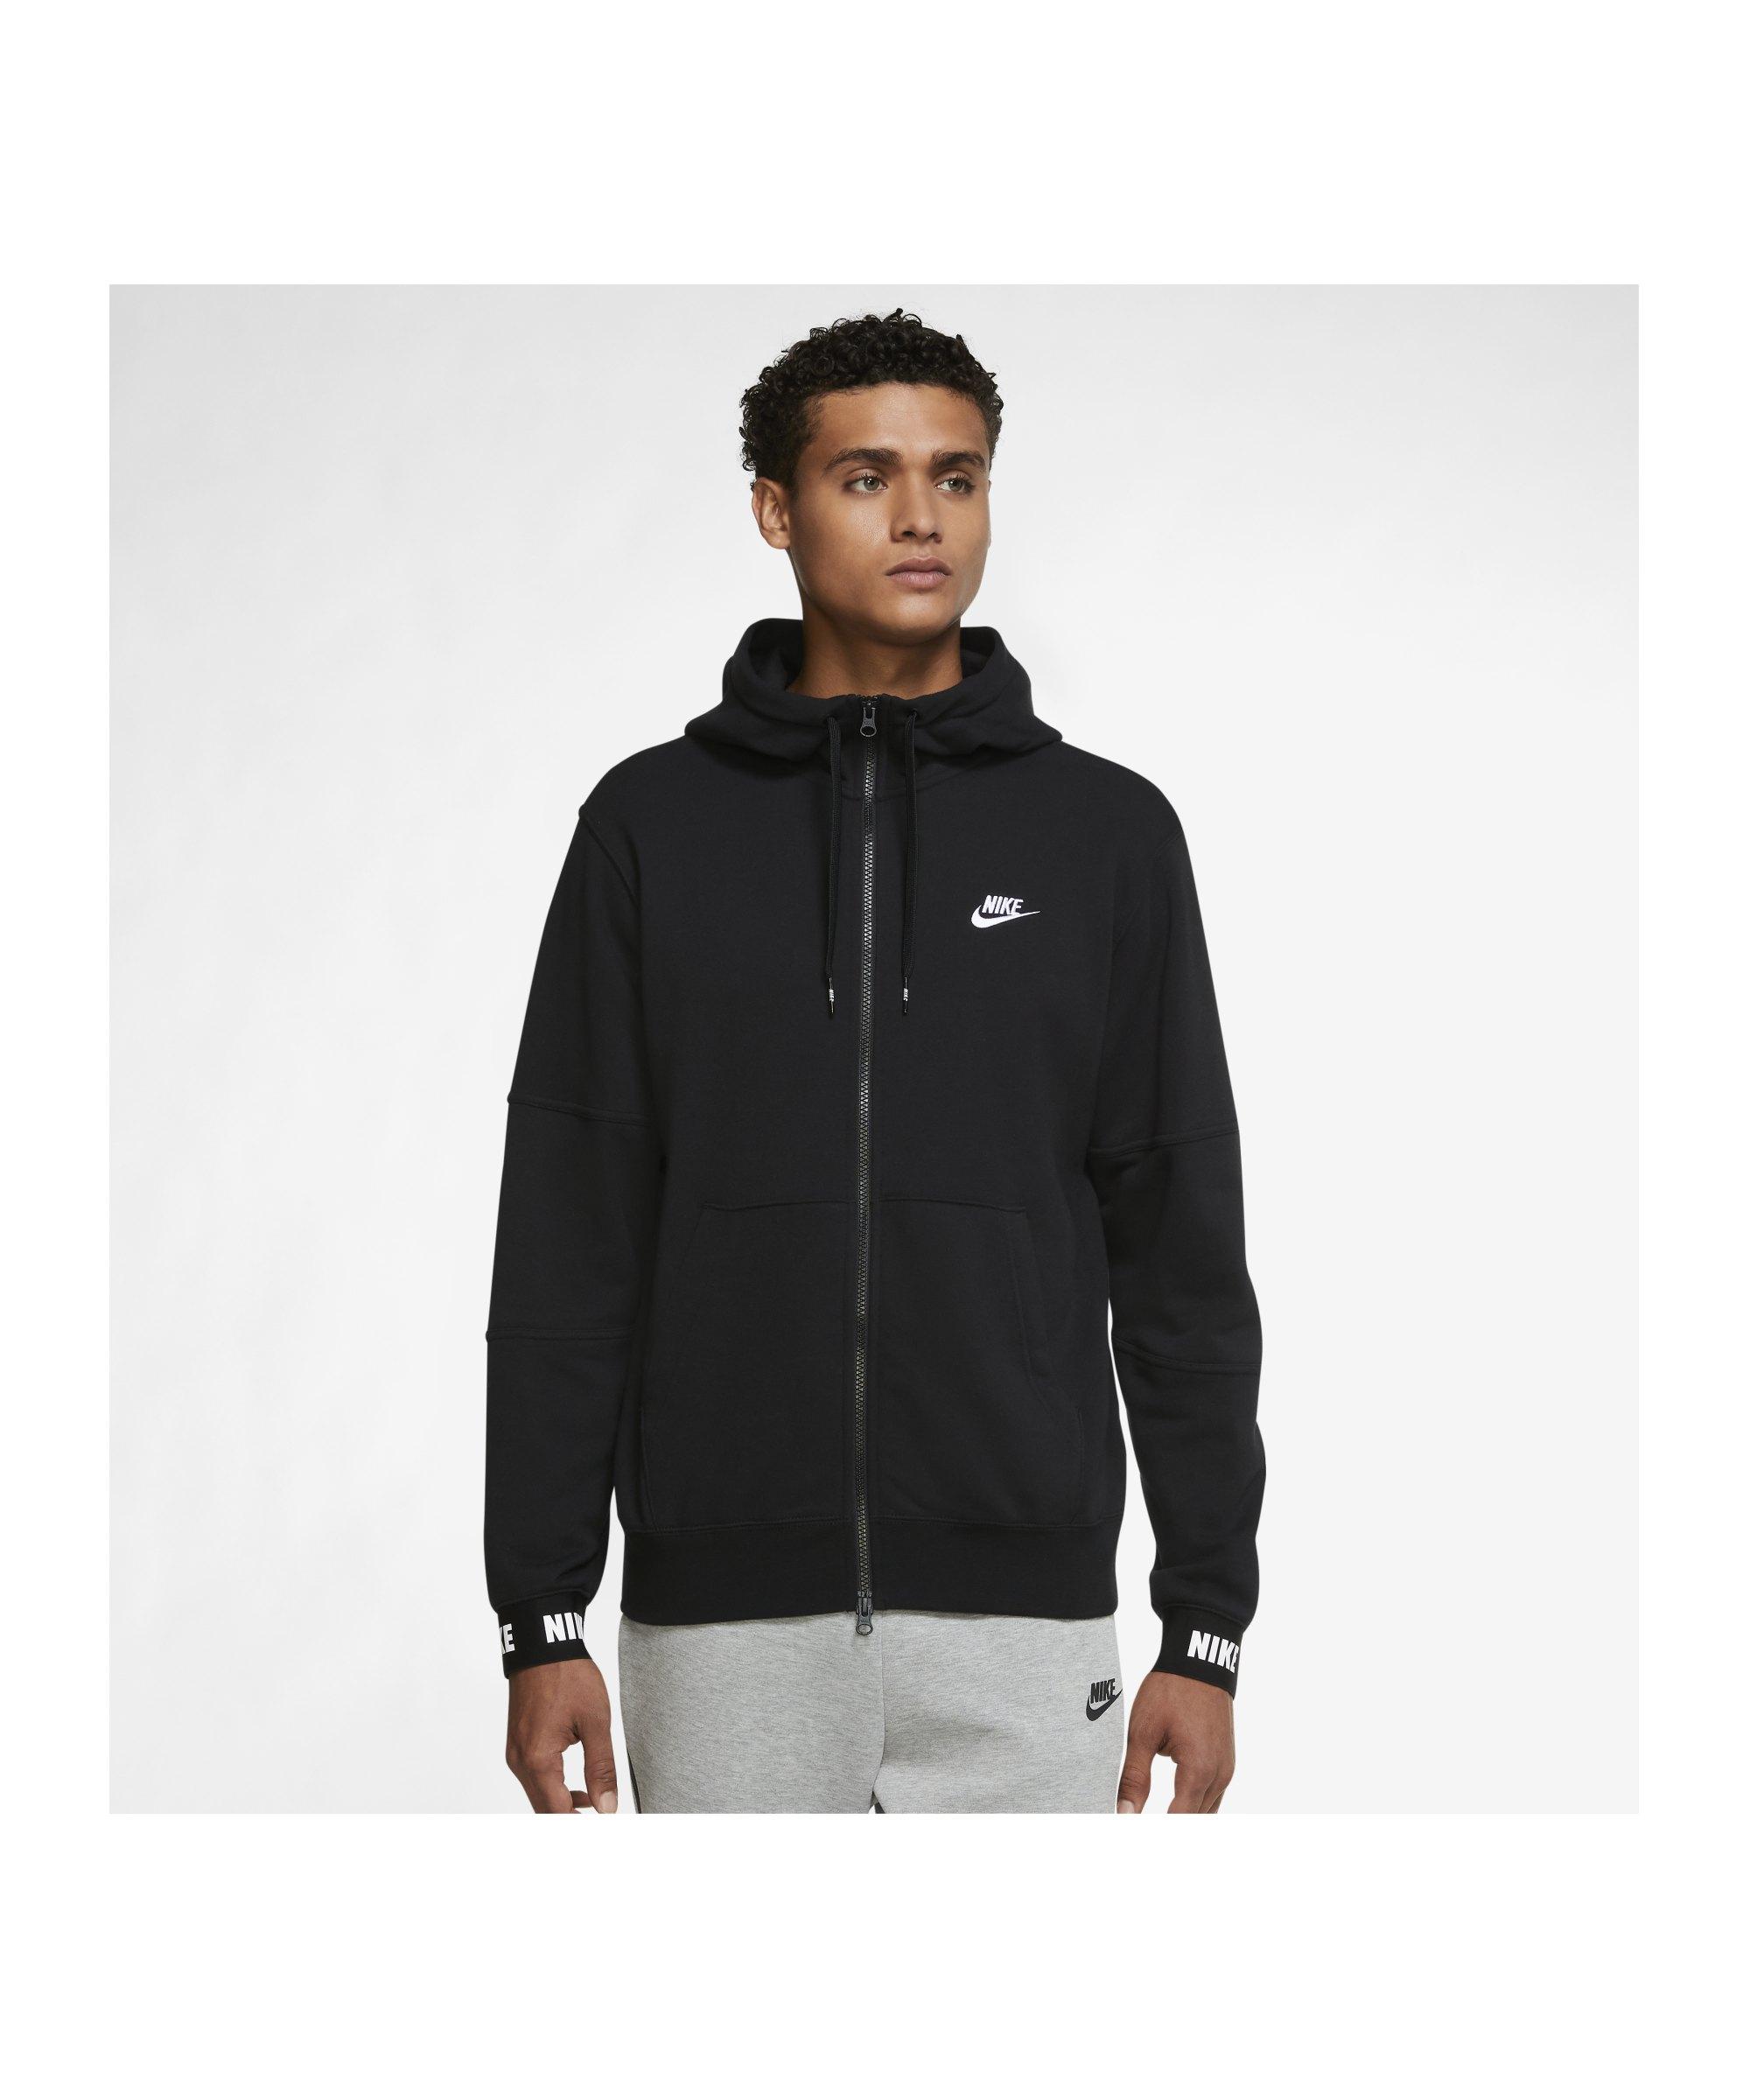 Nike Essentials+ French Terry Kapuzenjacke F010 - schwarz